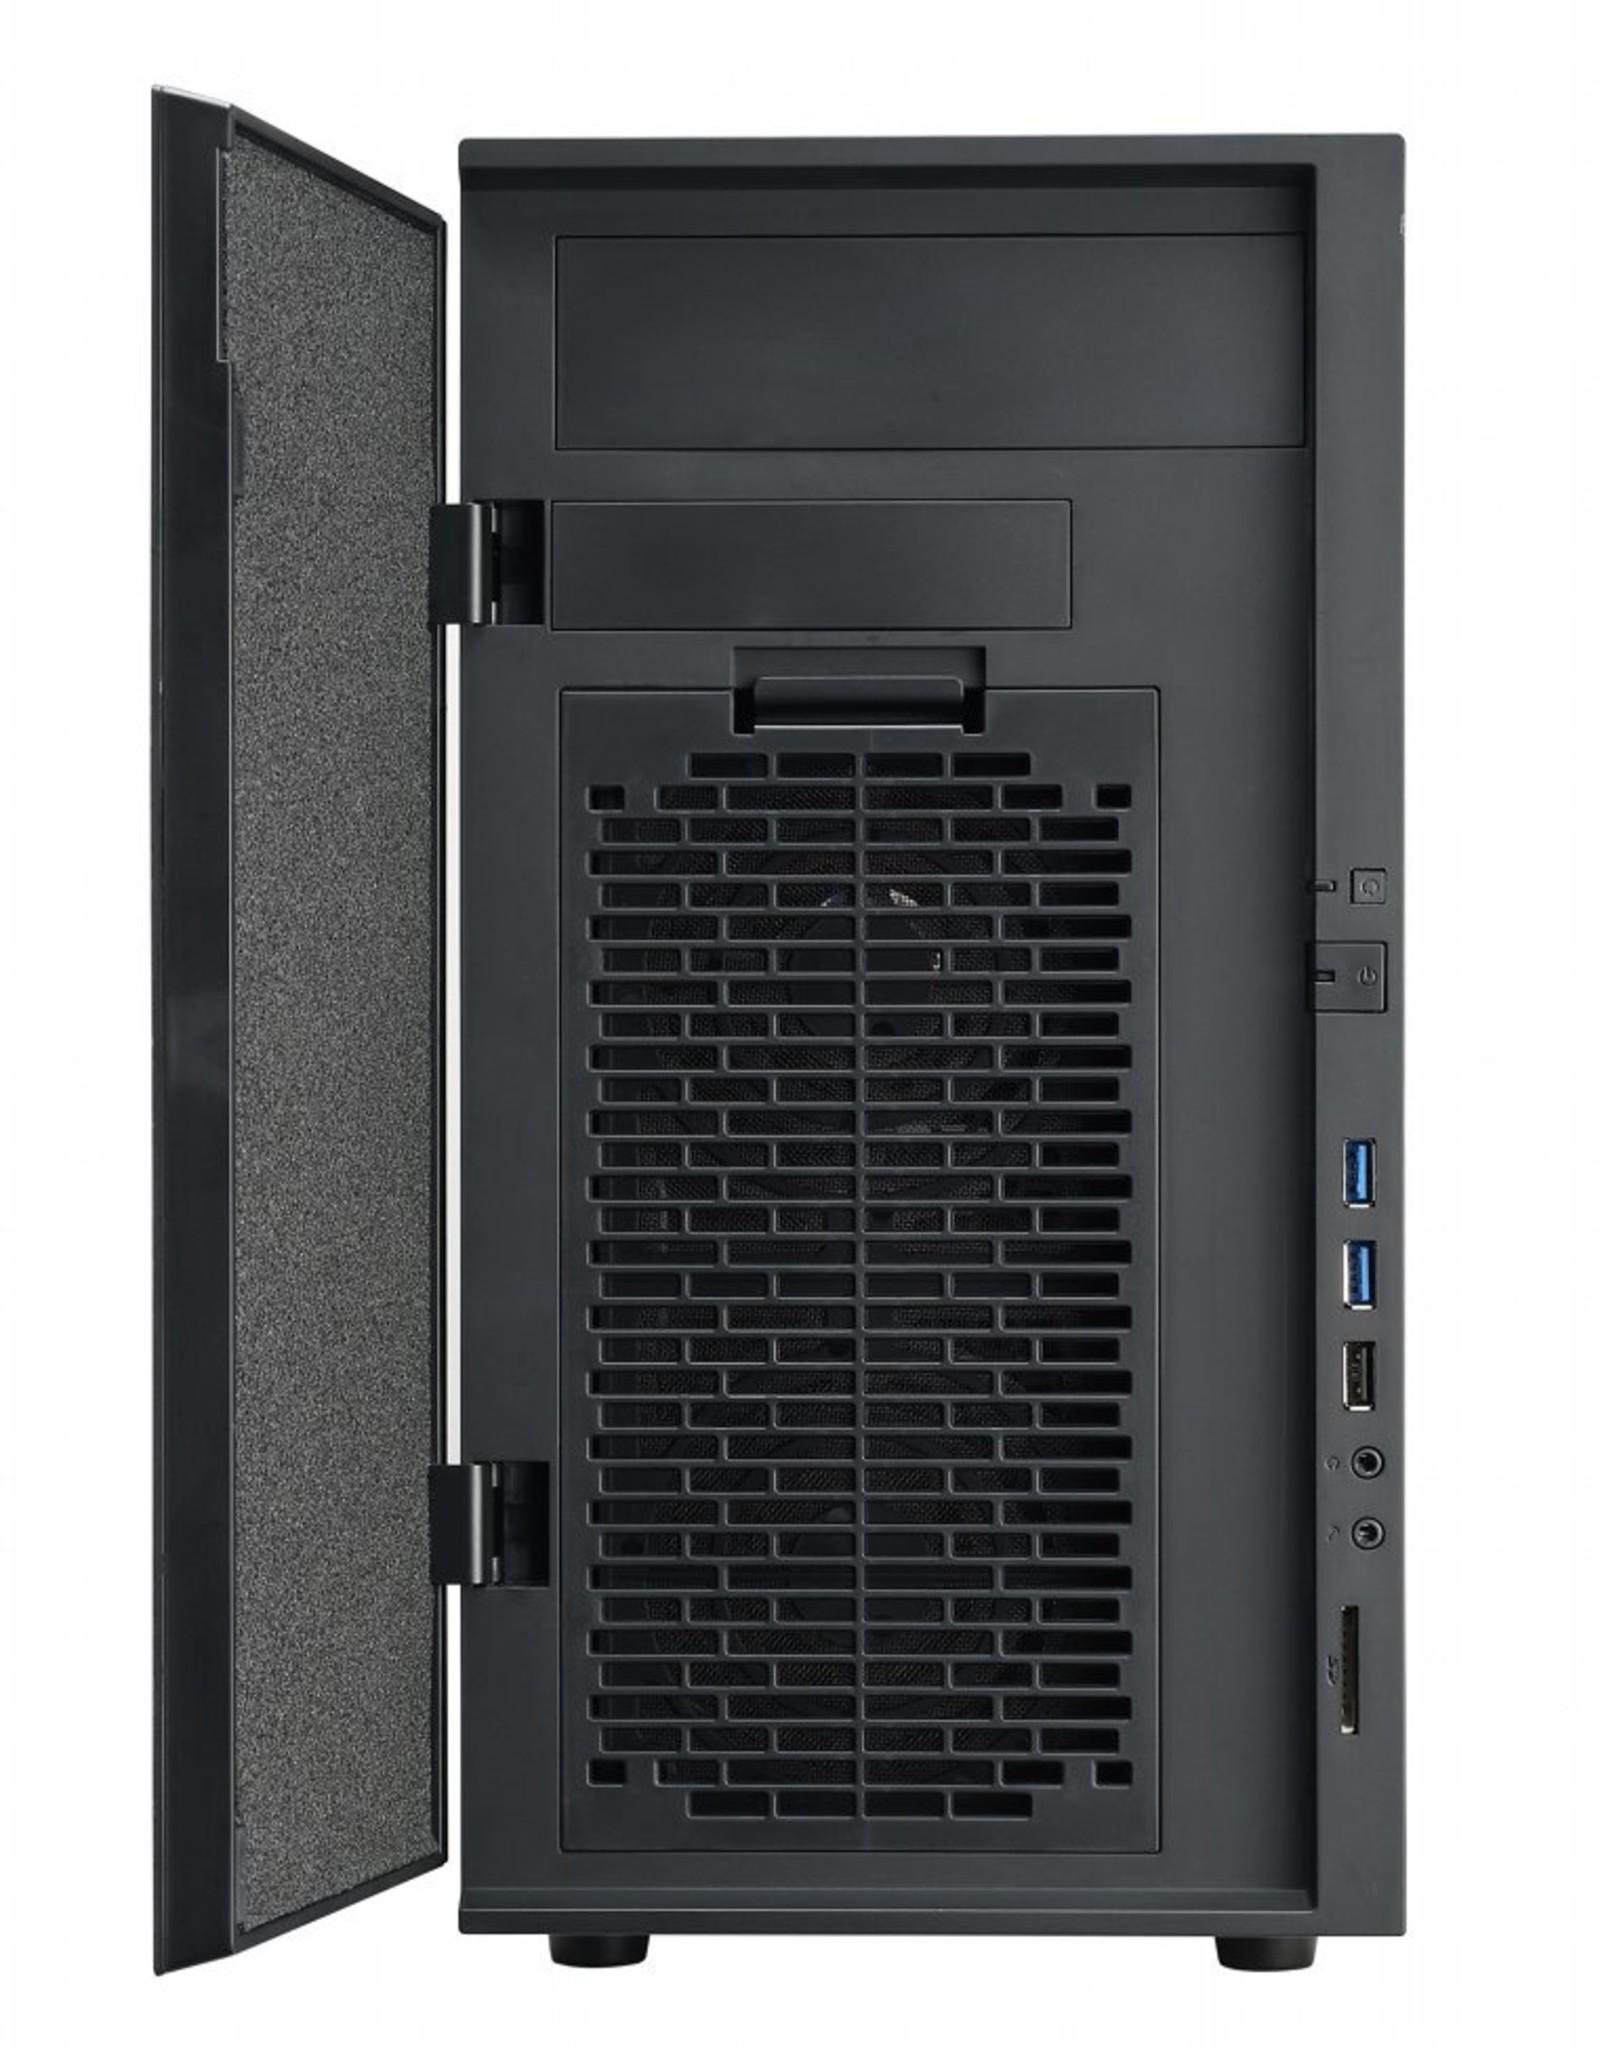 Case  Silencio 352 NO PSU  / USB3.0 / MAT